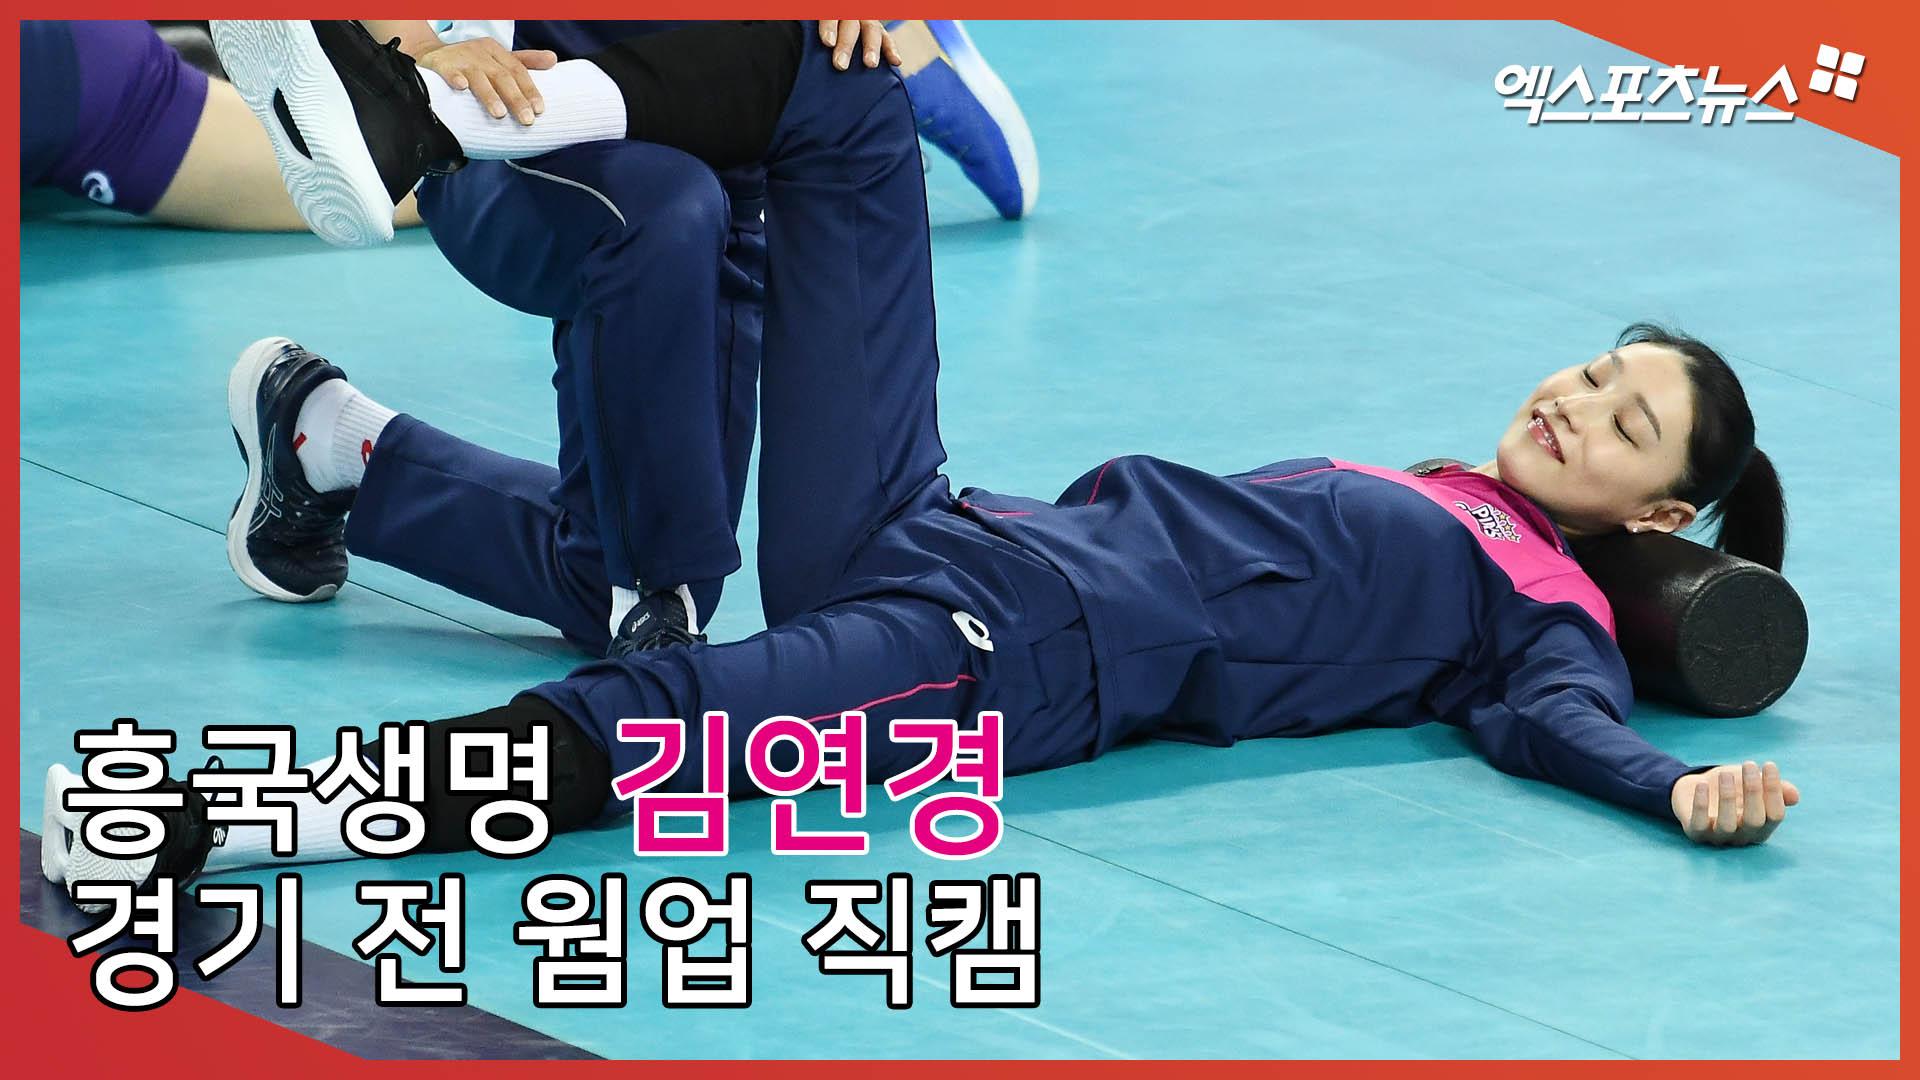 '실력도 인성도 월드클래스' 김연경, 경기 전 웜업 직캠[엑's 스케치]